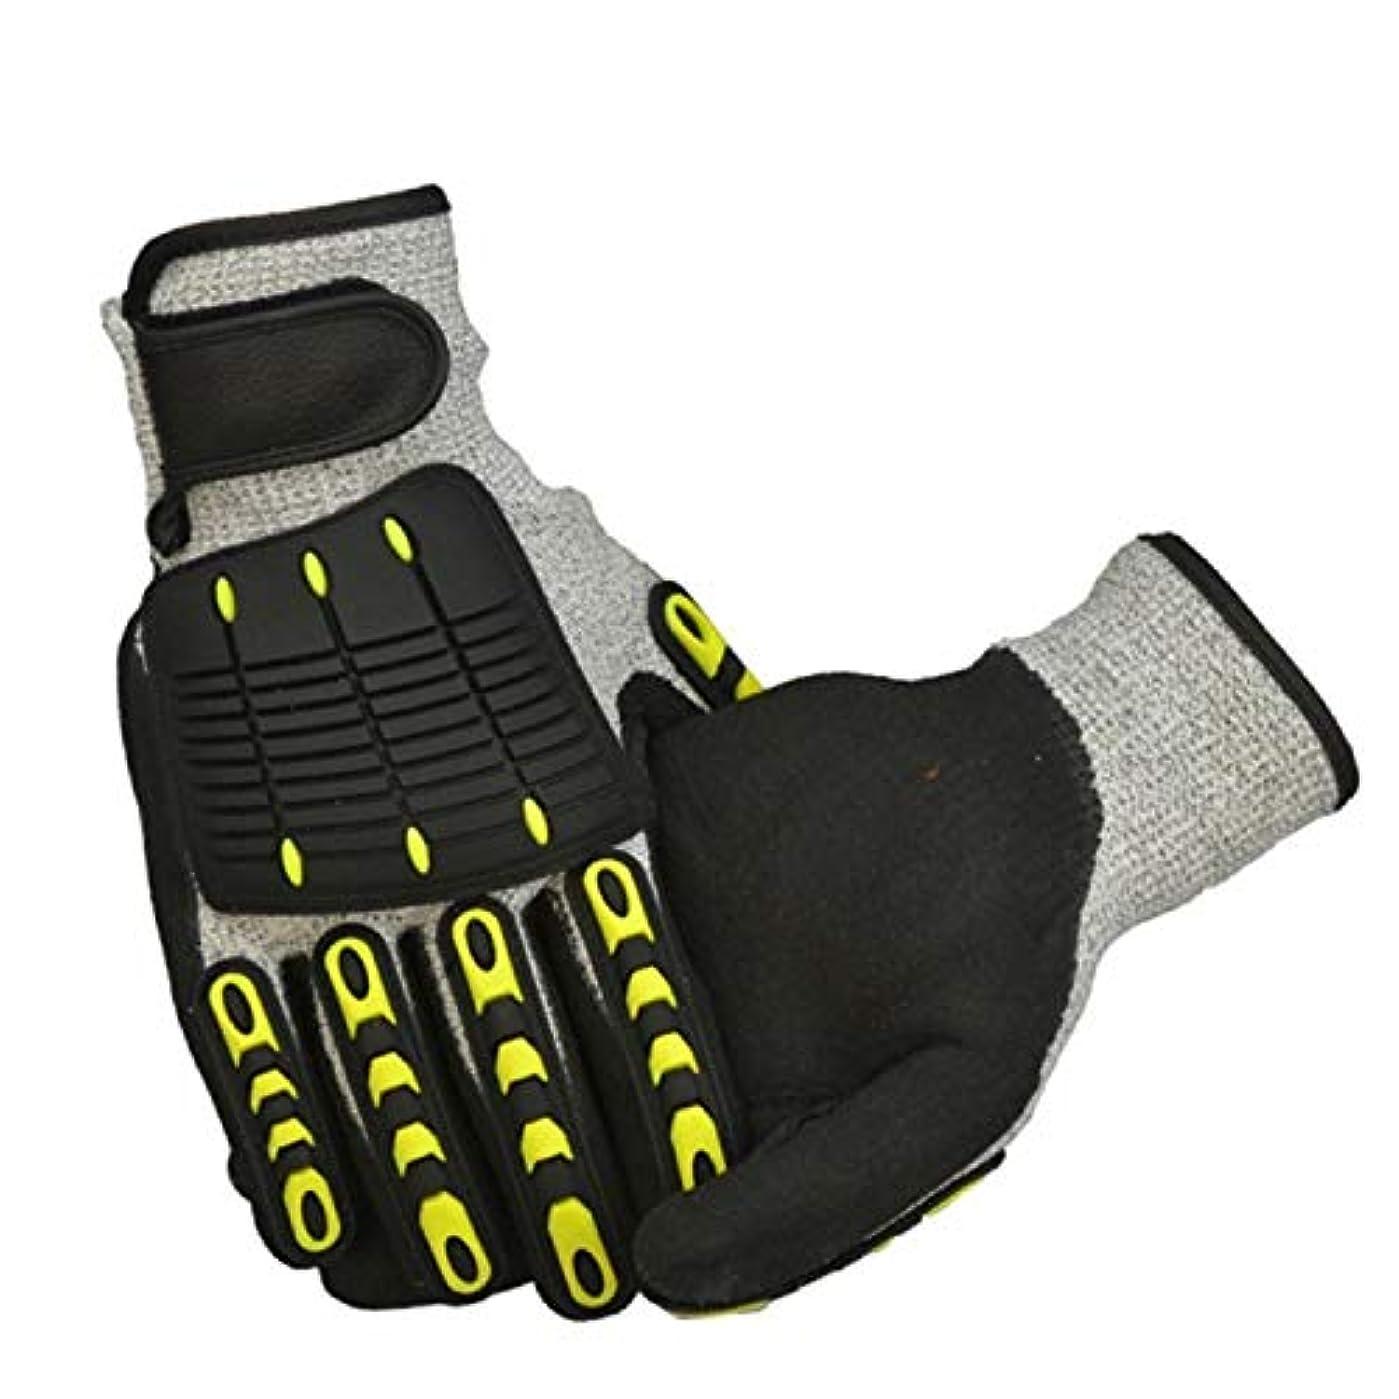 飢えた広がりネットBAJIMI 手袋 グローブ レディース/メンズ ハンド ケア X-大、オリジナルオイル&ガスの安全性への影響手袋 裏起毛 おしゃれ 手触りが良い 運転 耐磨耗性 換気性